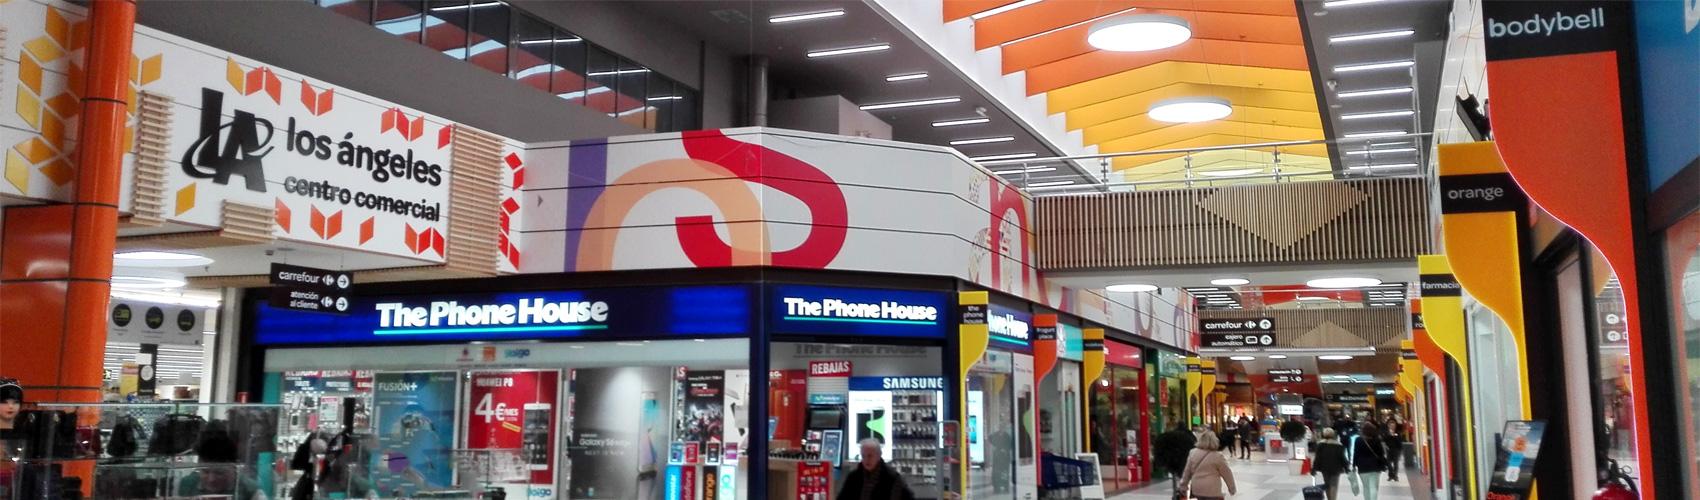 Inicio - Centro Comercial Los Ángeles db51934e4cf11